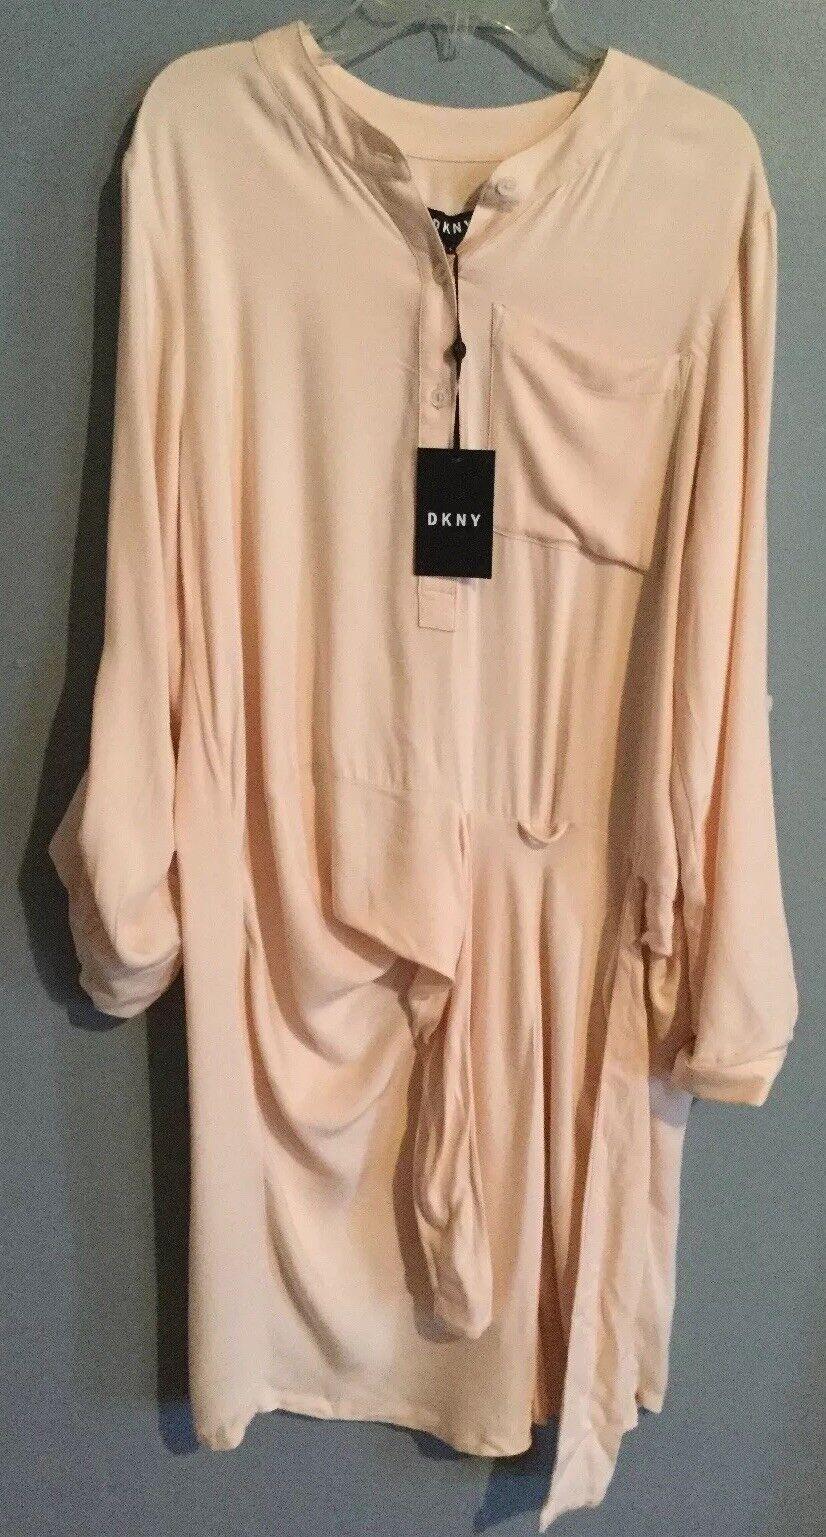 3f14b21b09f DKNY Womens Side Tie Roll Tab Shirt Dress P7kb8169 Size Small Light ...